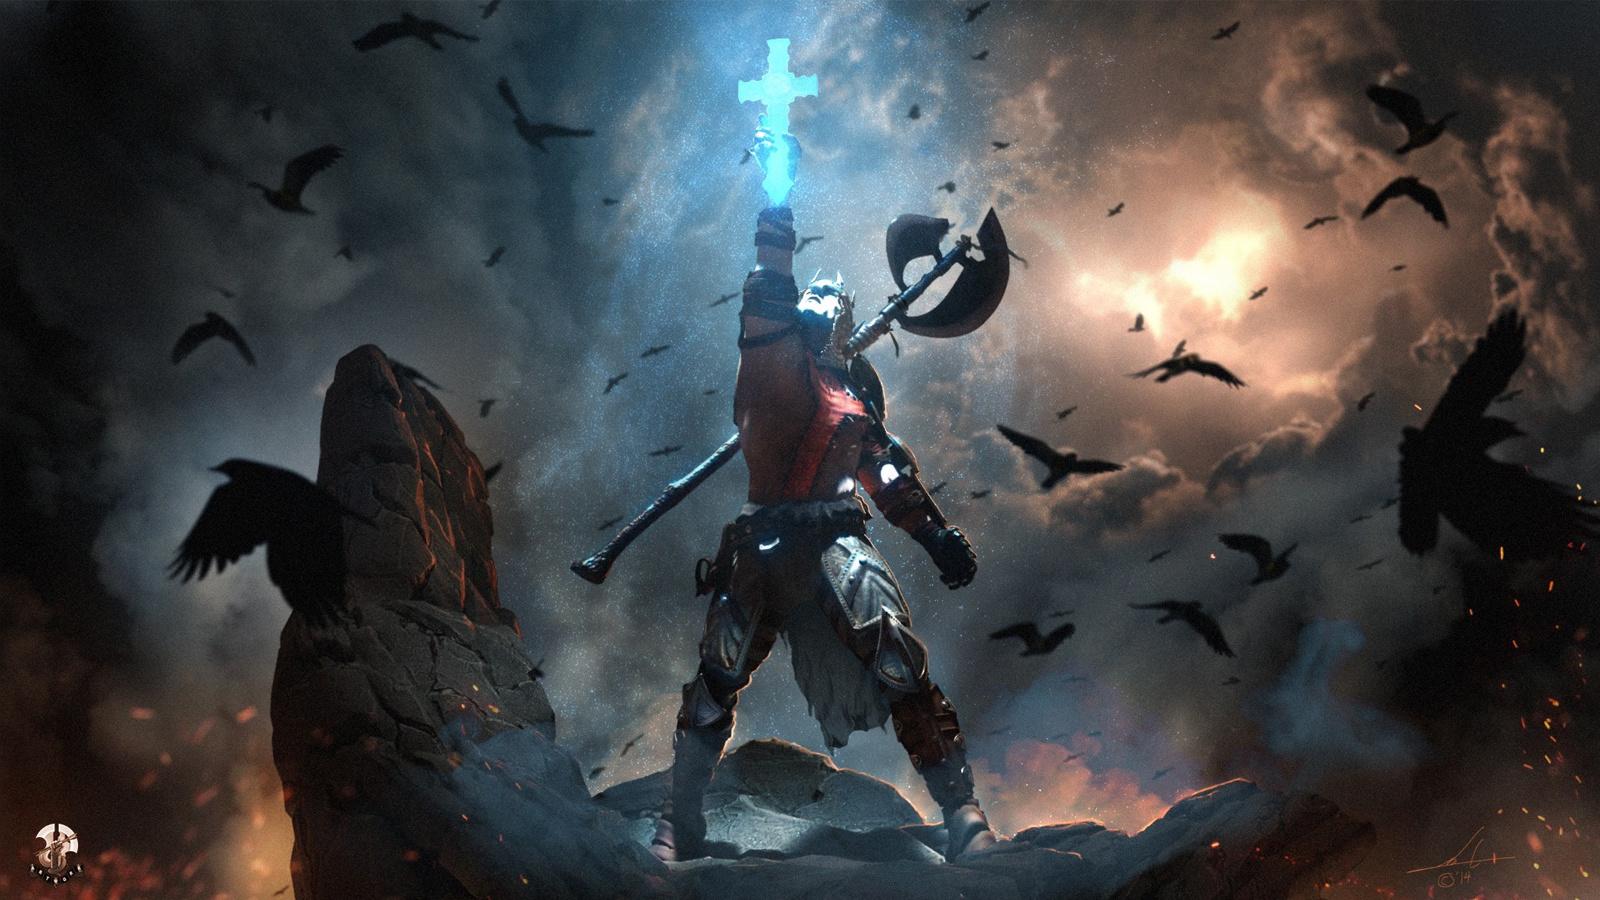 《但丁地獄》加入Xbox One向下兼容陣容,該拿起鐮刀再來次地獄之旅了